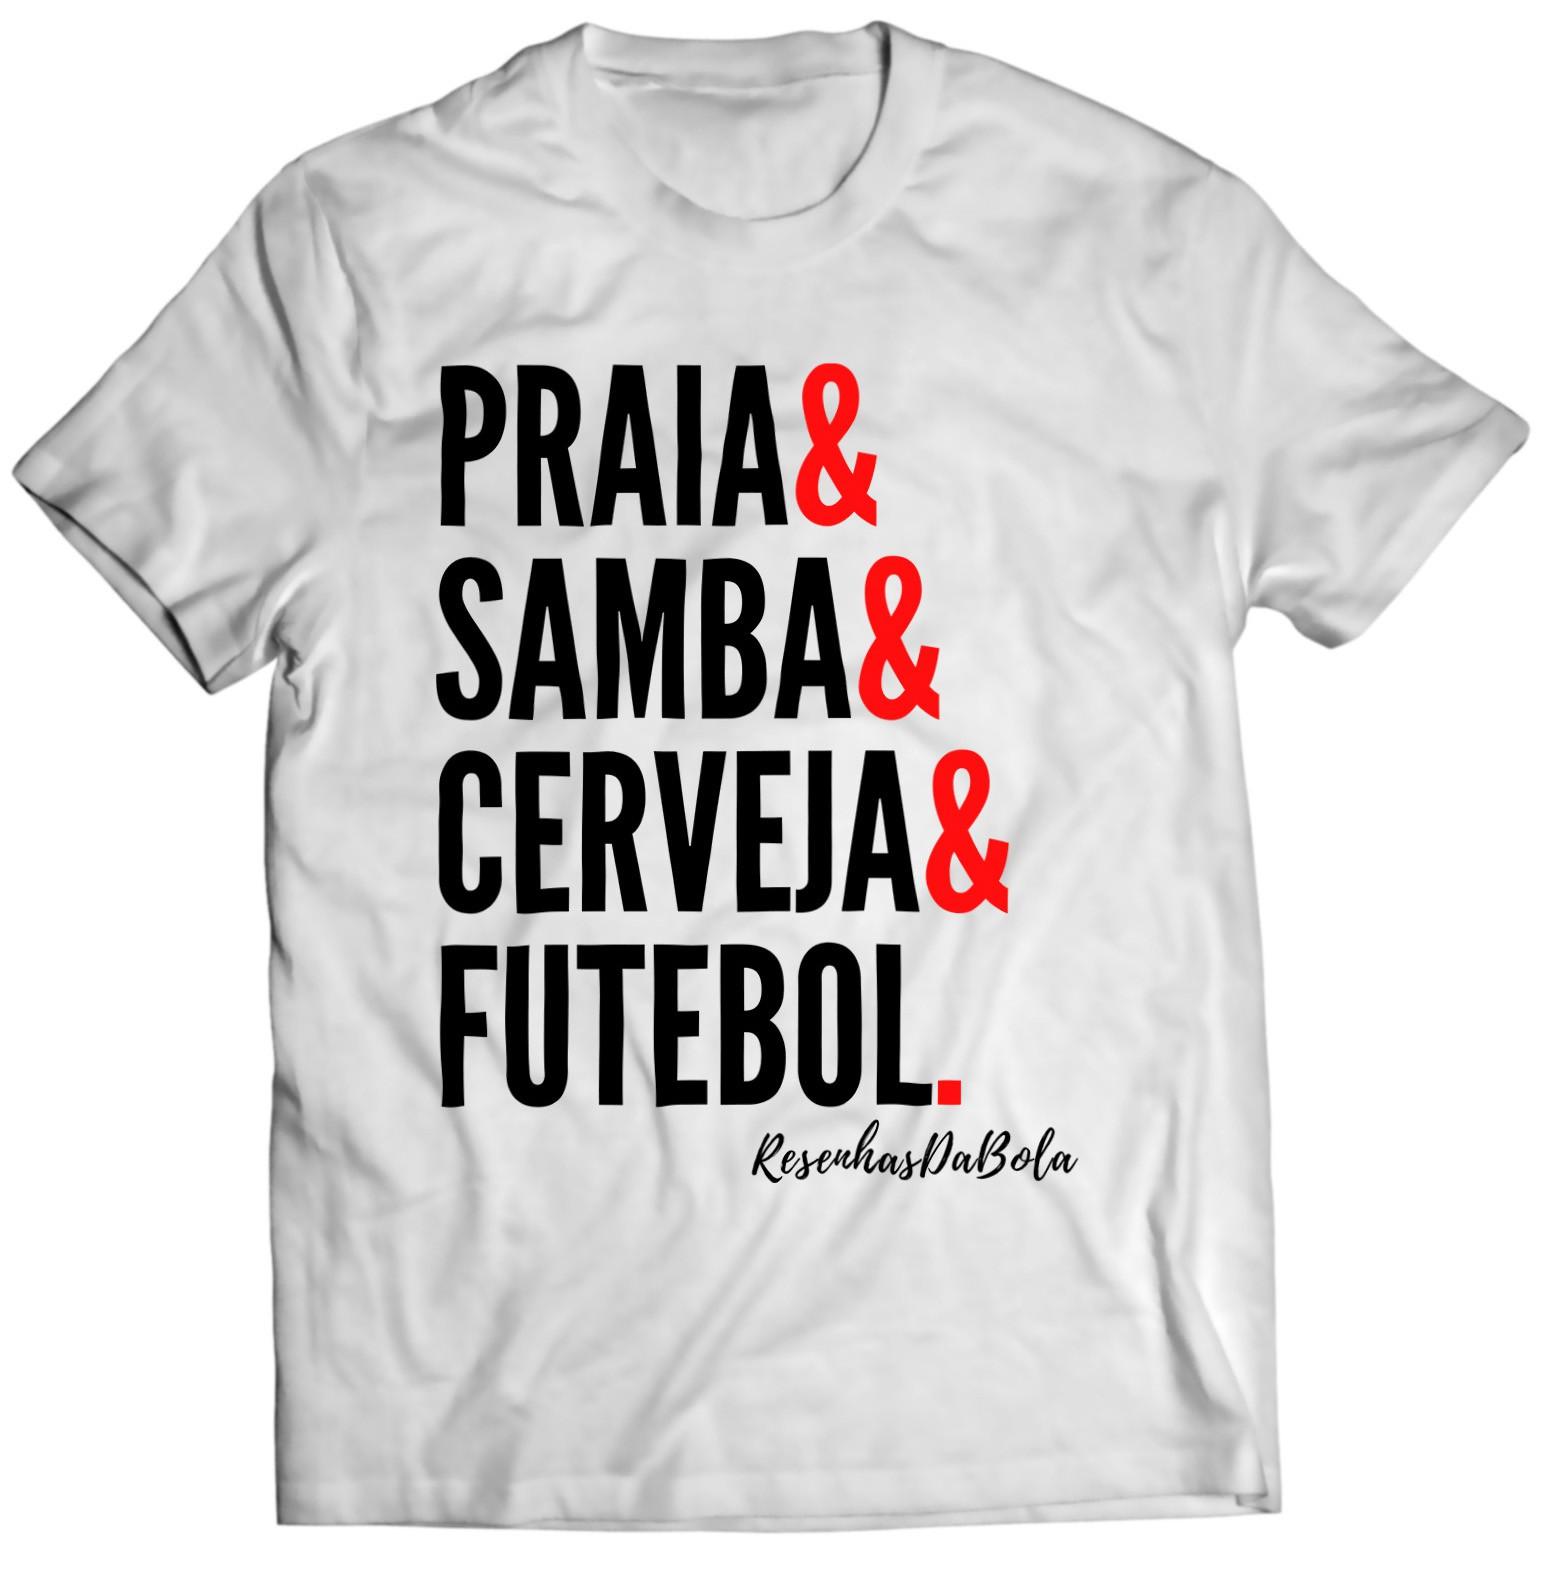 Camiseta - PRAIA, SAMBA, CERVEJA E FUTEBOL - Masculino